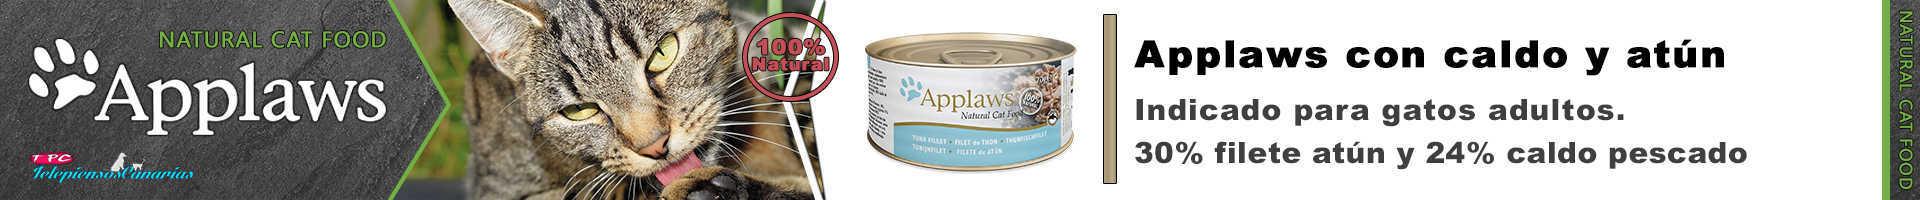 Applaws lata con caldo de filete de atún